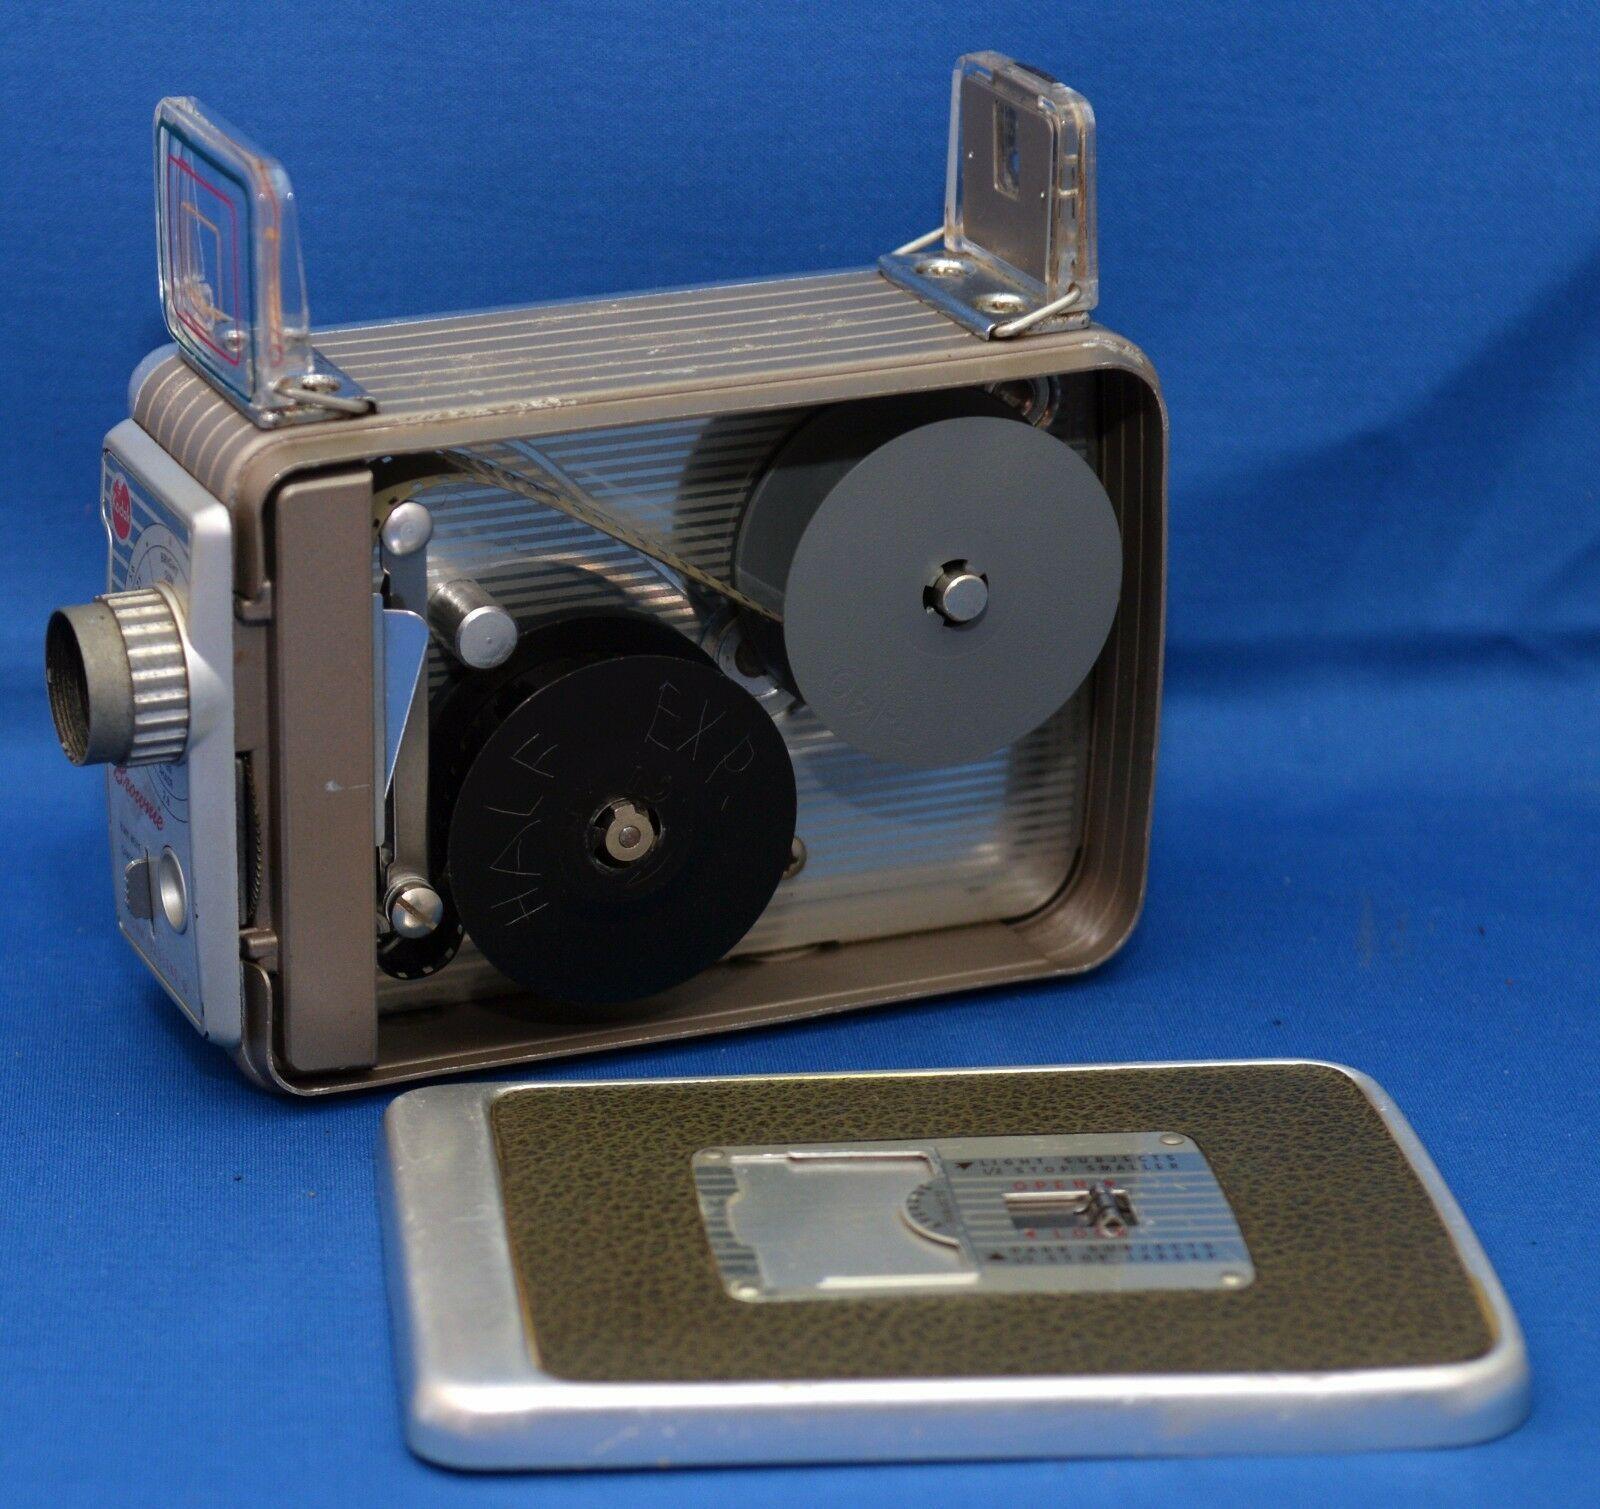 KODAK BROWNIE 8mm Vintage Movie Camera f/2.3 13mm lens USA